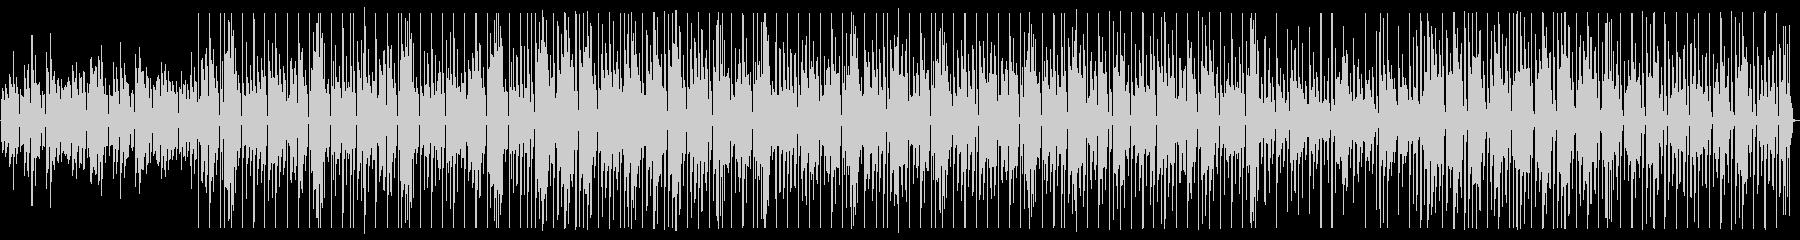 ピアノの旋律が印象的なワルツの未再生の波形